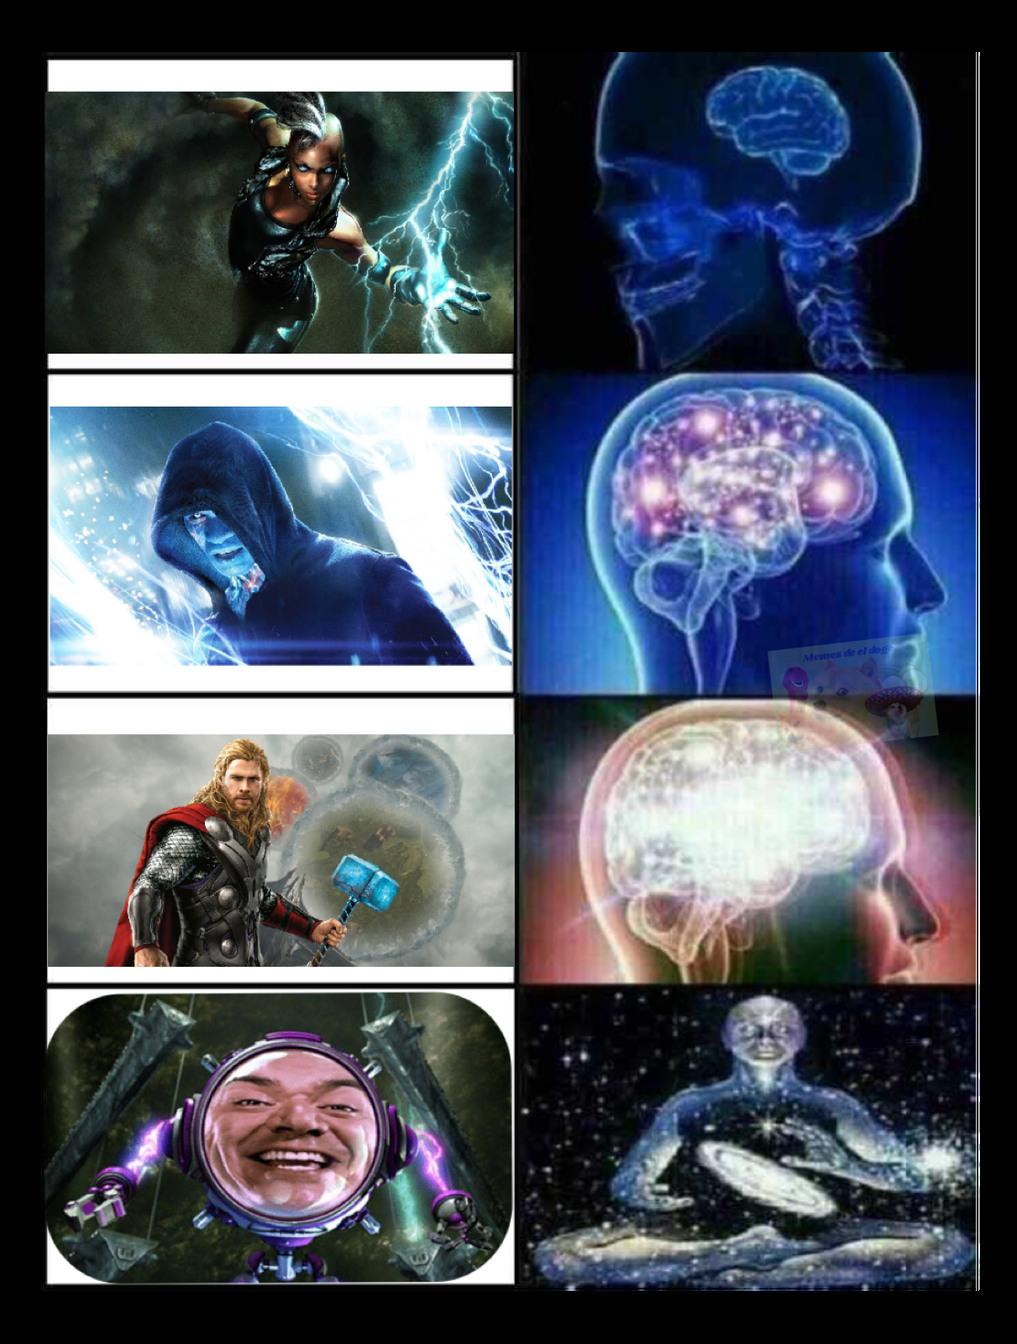 Soy el señor electrico - meme